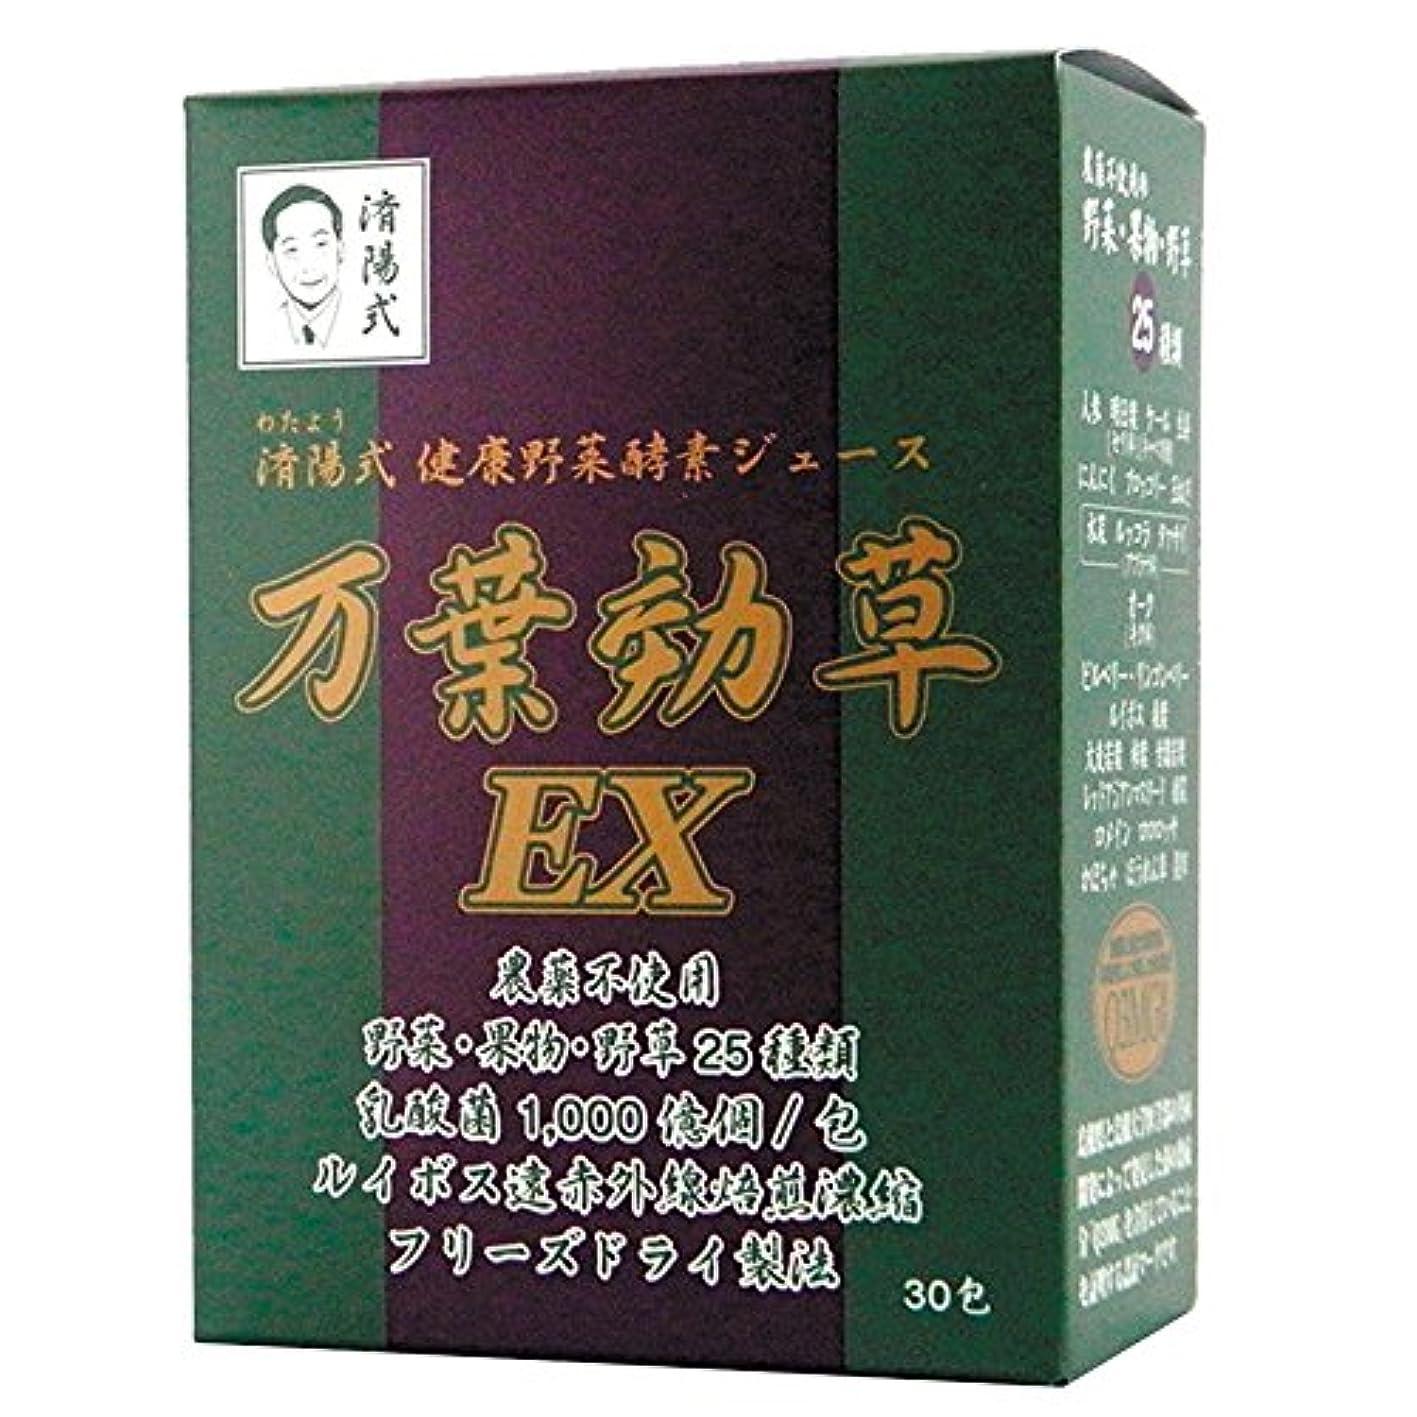 滑りやすい寸法光景AIGエム 済陽式 健康野菜酵素ジュース 万葉効草EX